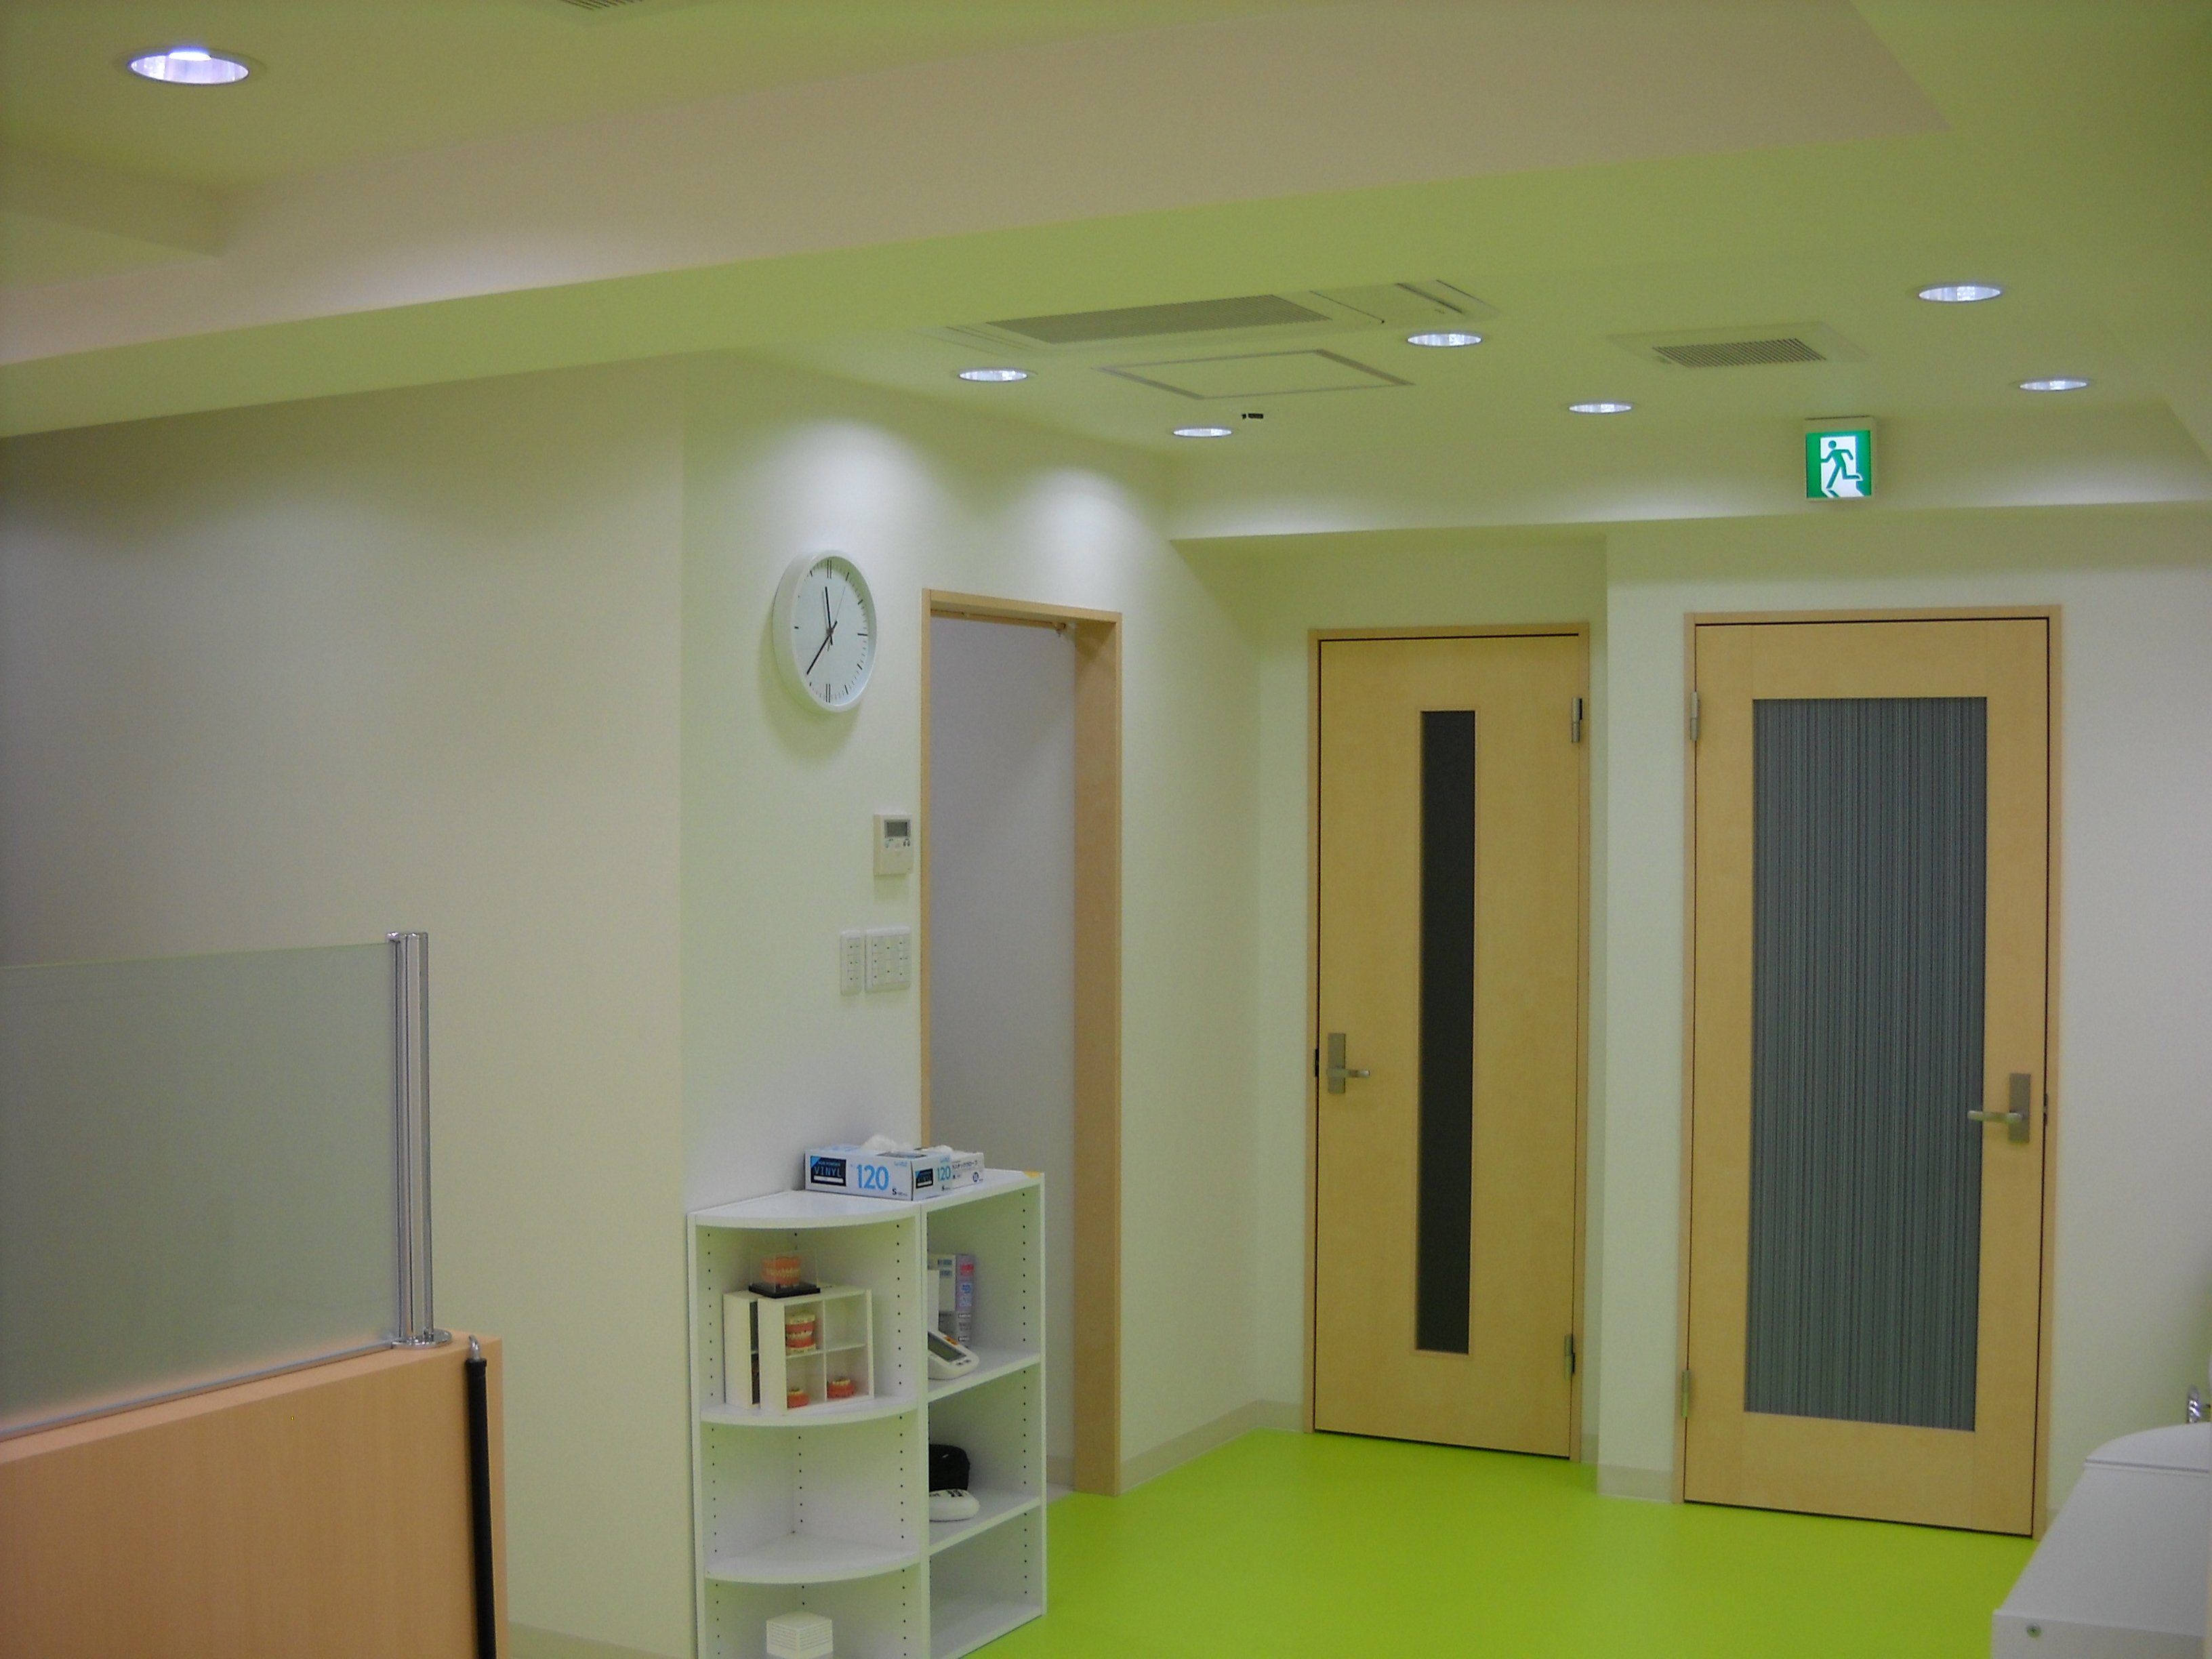 NO.si02_歯科医院クリニック/内装デザイン事例